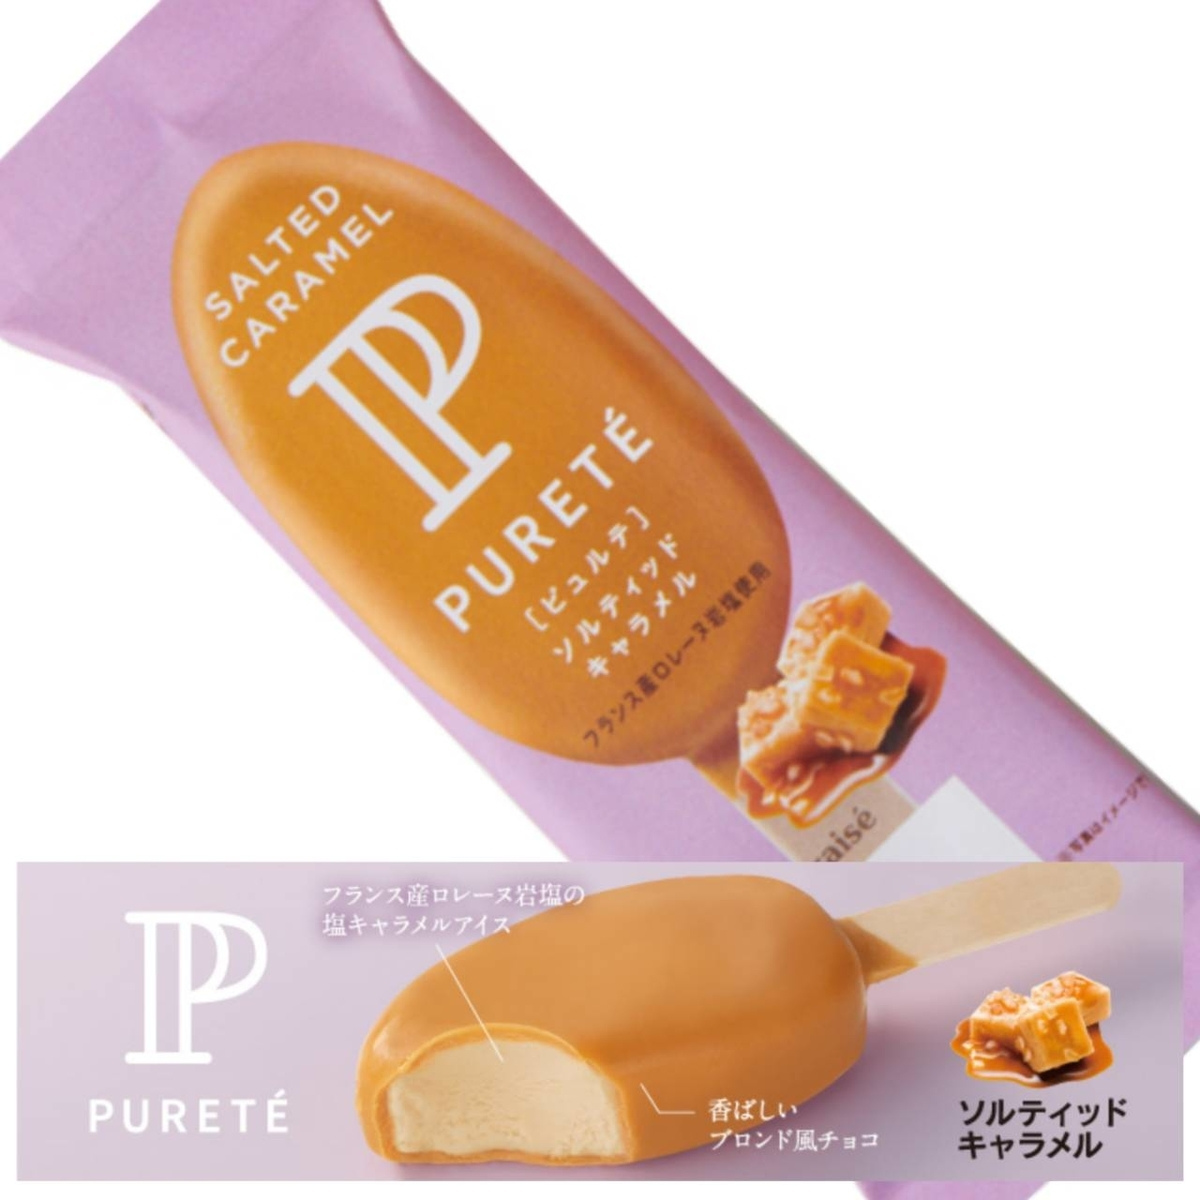 シャトレーゼ「ピュルテ」ソルティッドキャラメル 原材料 カロリー・栄養成分 口コミ レビュー